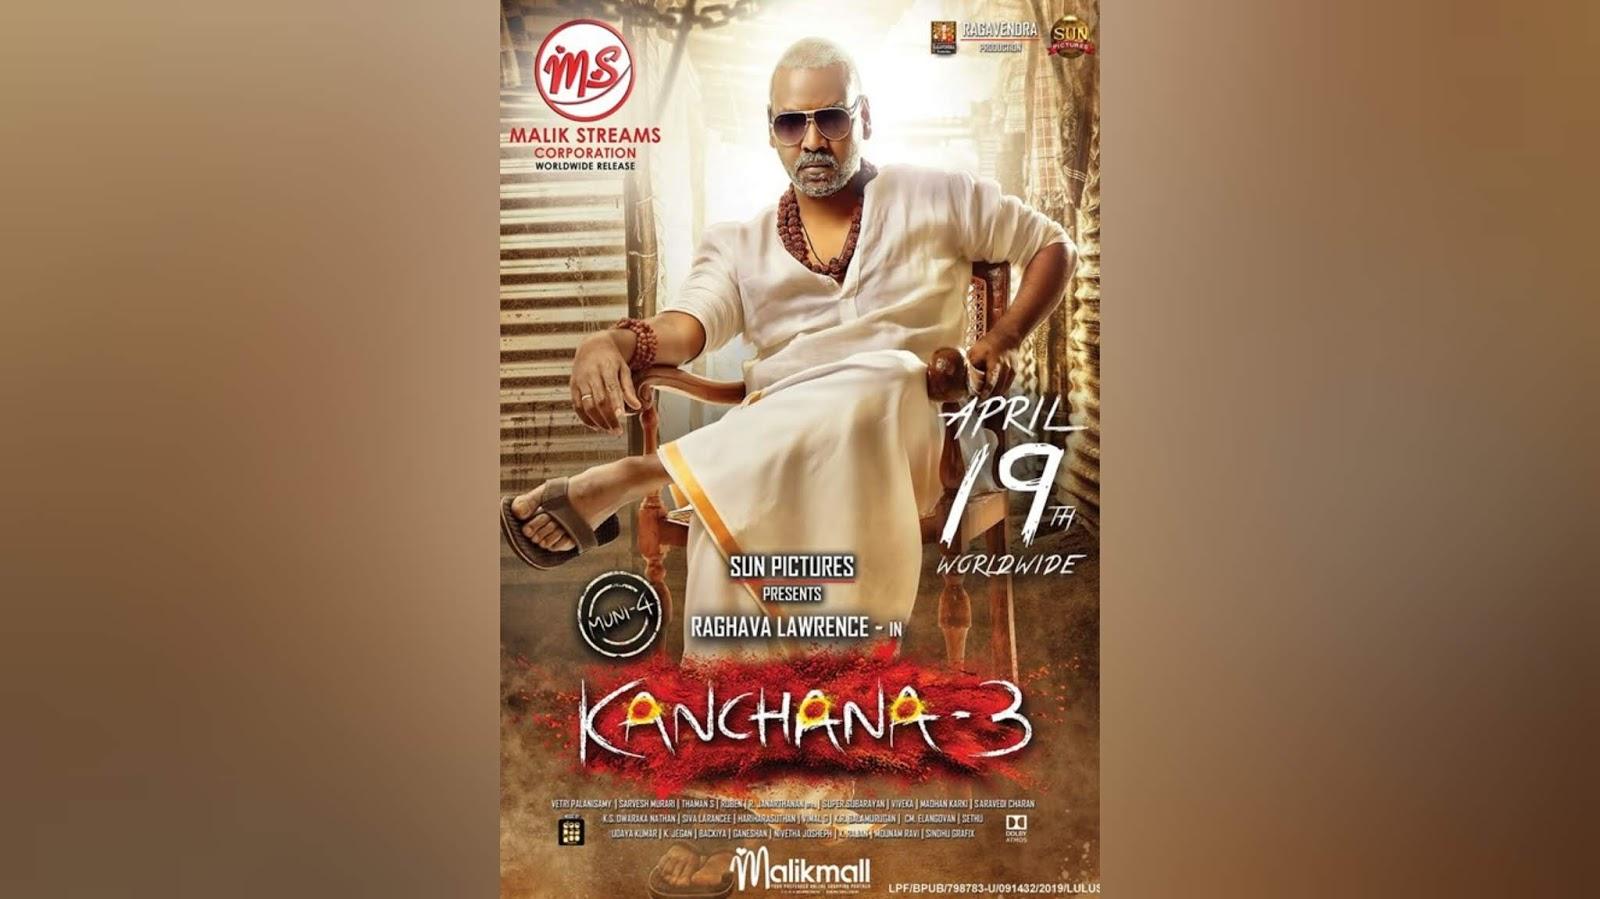 movie 2019 malay Kanchana 3 2019 Malay Sub